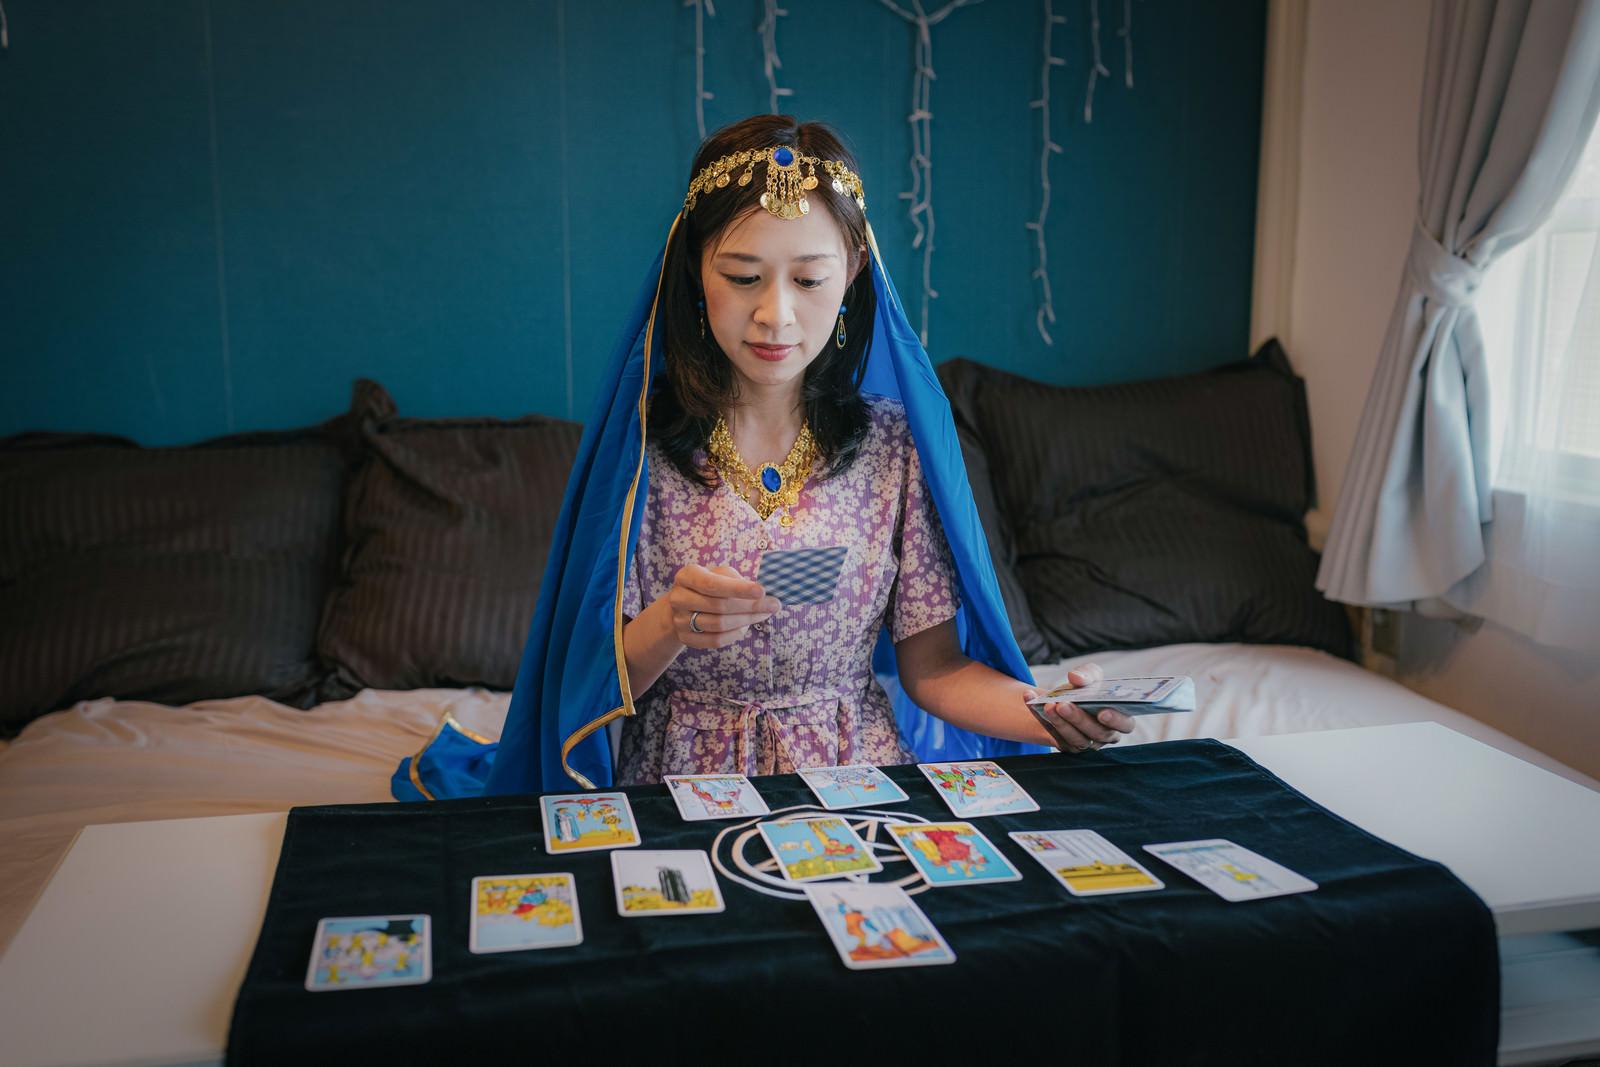 「タロット占い師の女性」の写真